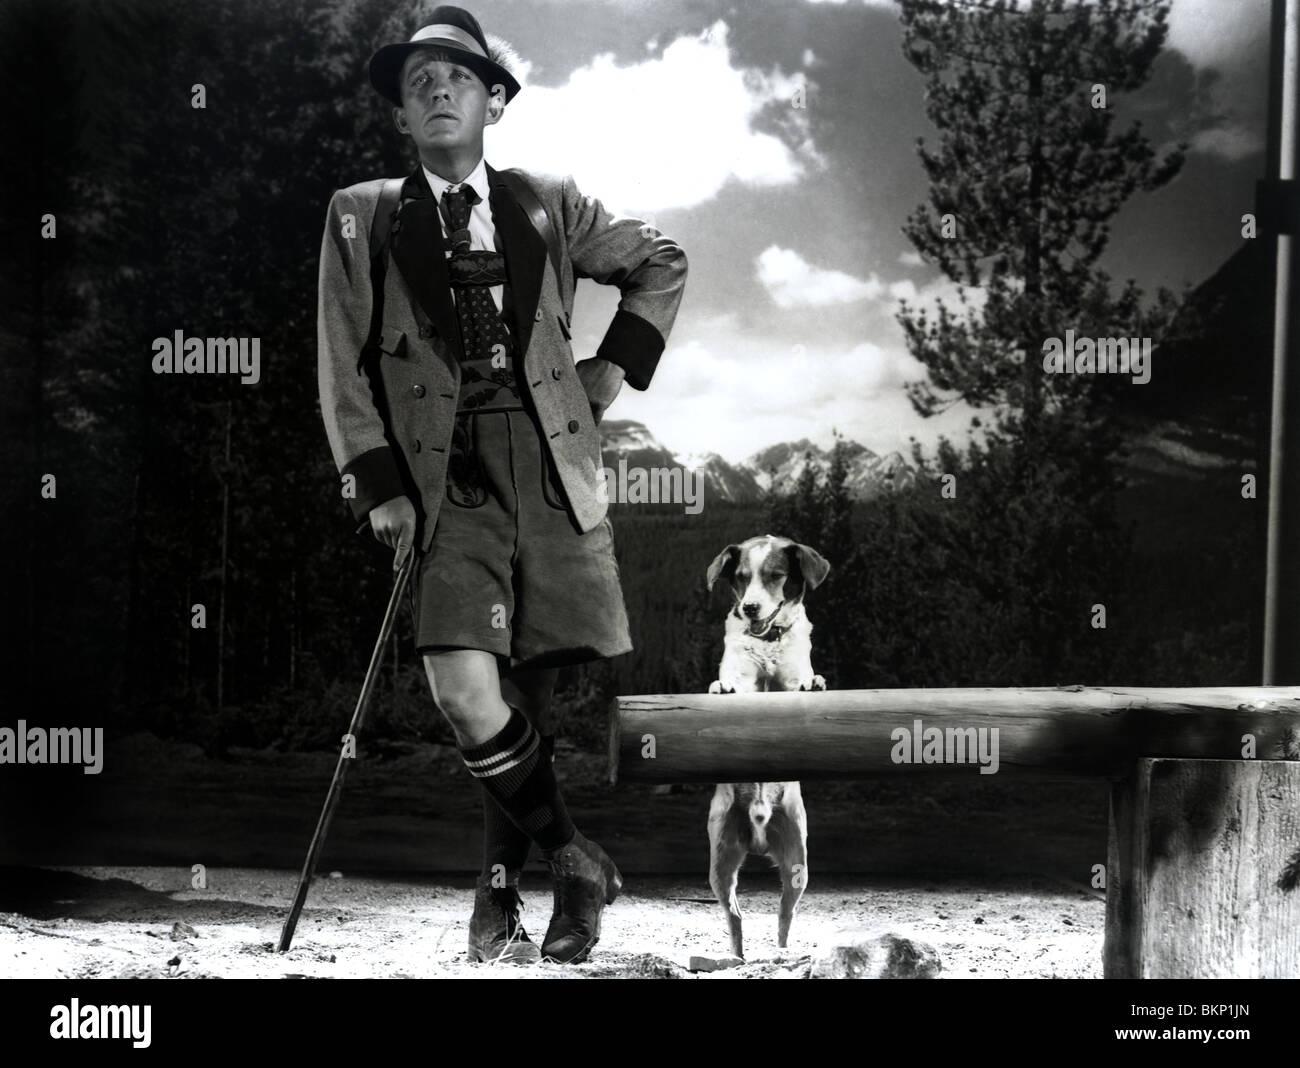 EMPEROR WALTZ BING CROSBY - Stock Image